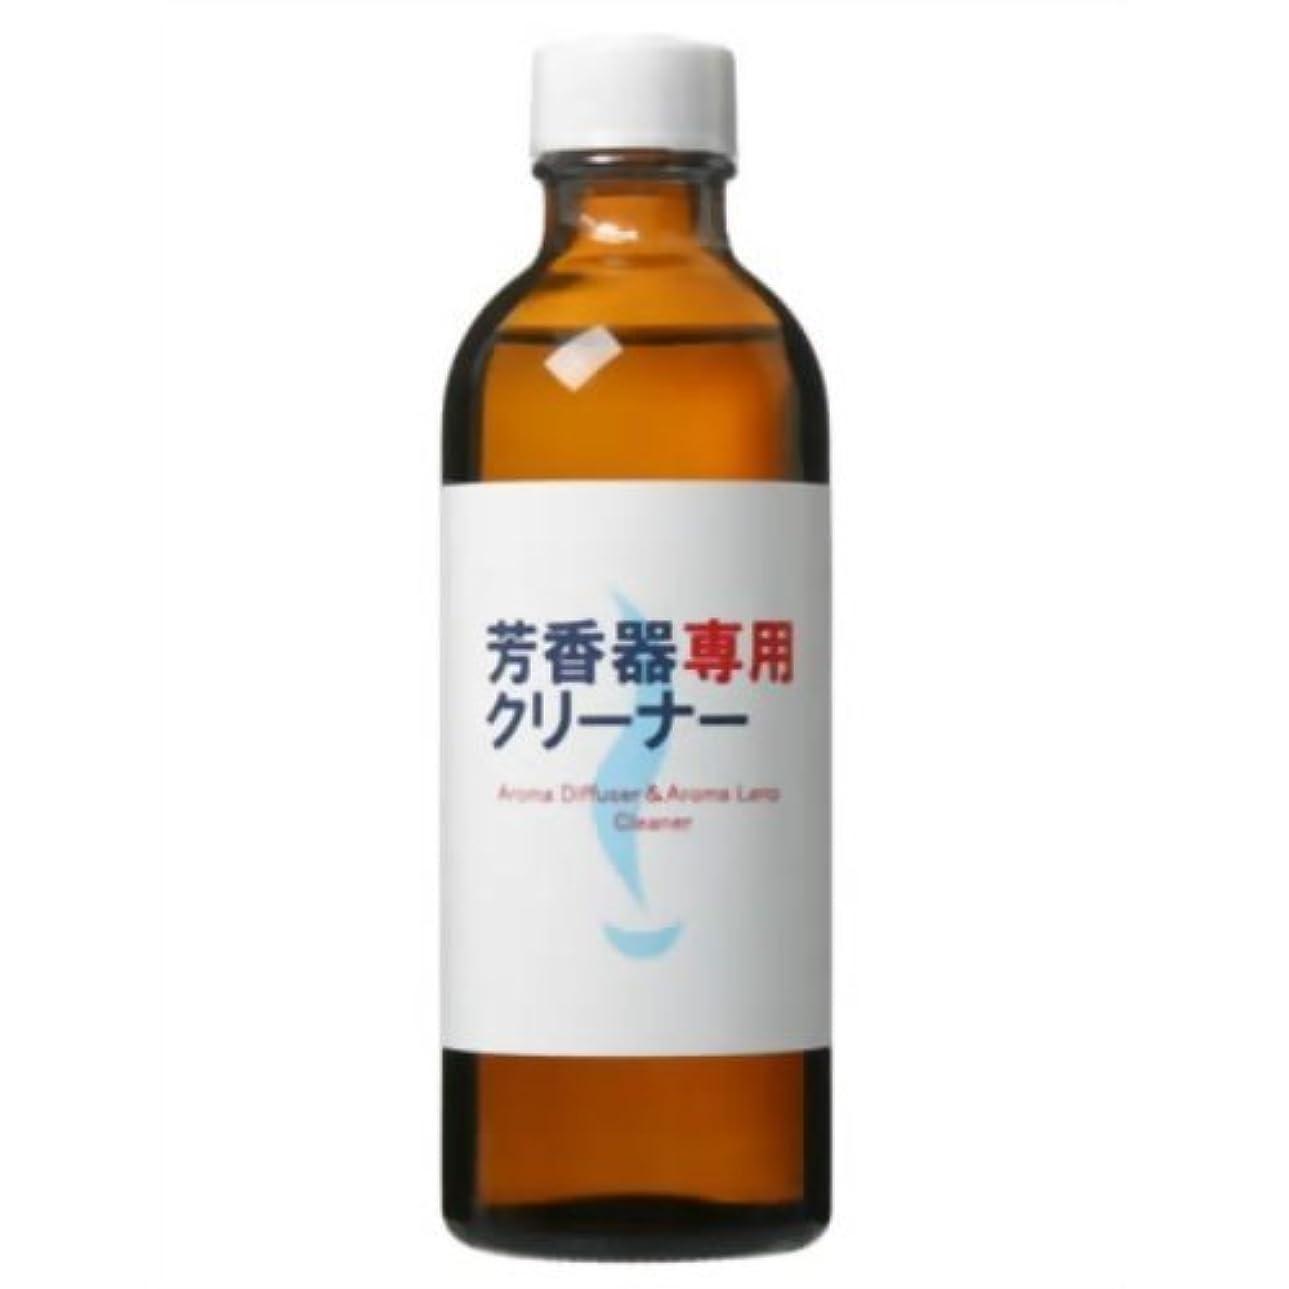 特異性ガードリーガン生活の木 芳香器専用クリーナー 08-801-1100